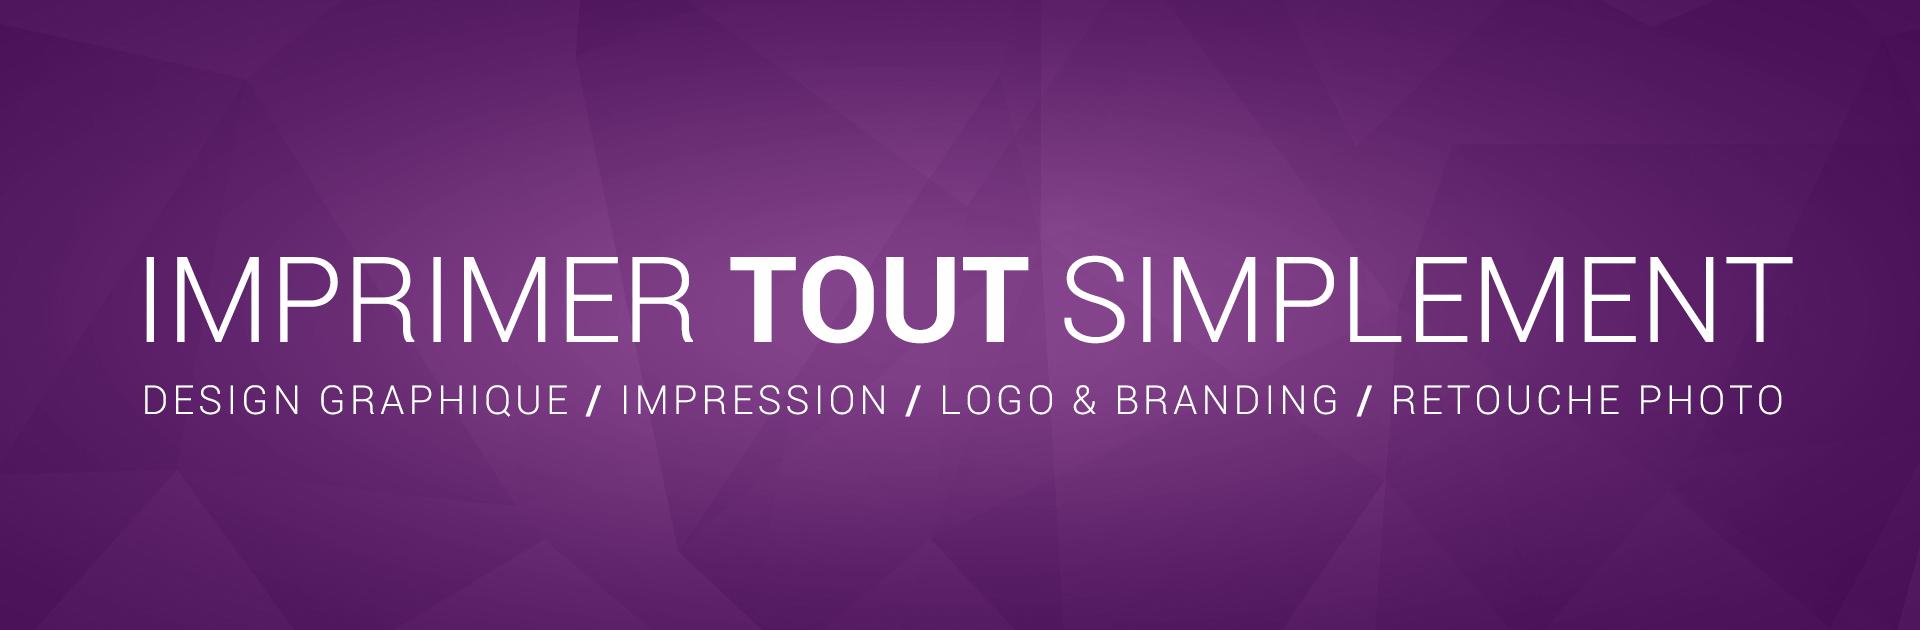 Service D Imprimerie Et Impression Montreal Laval Impressions Nano